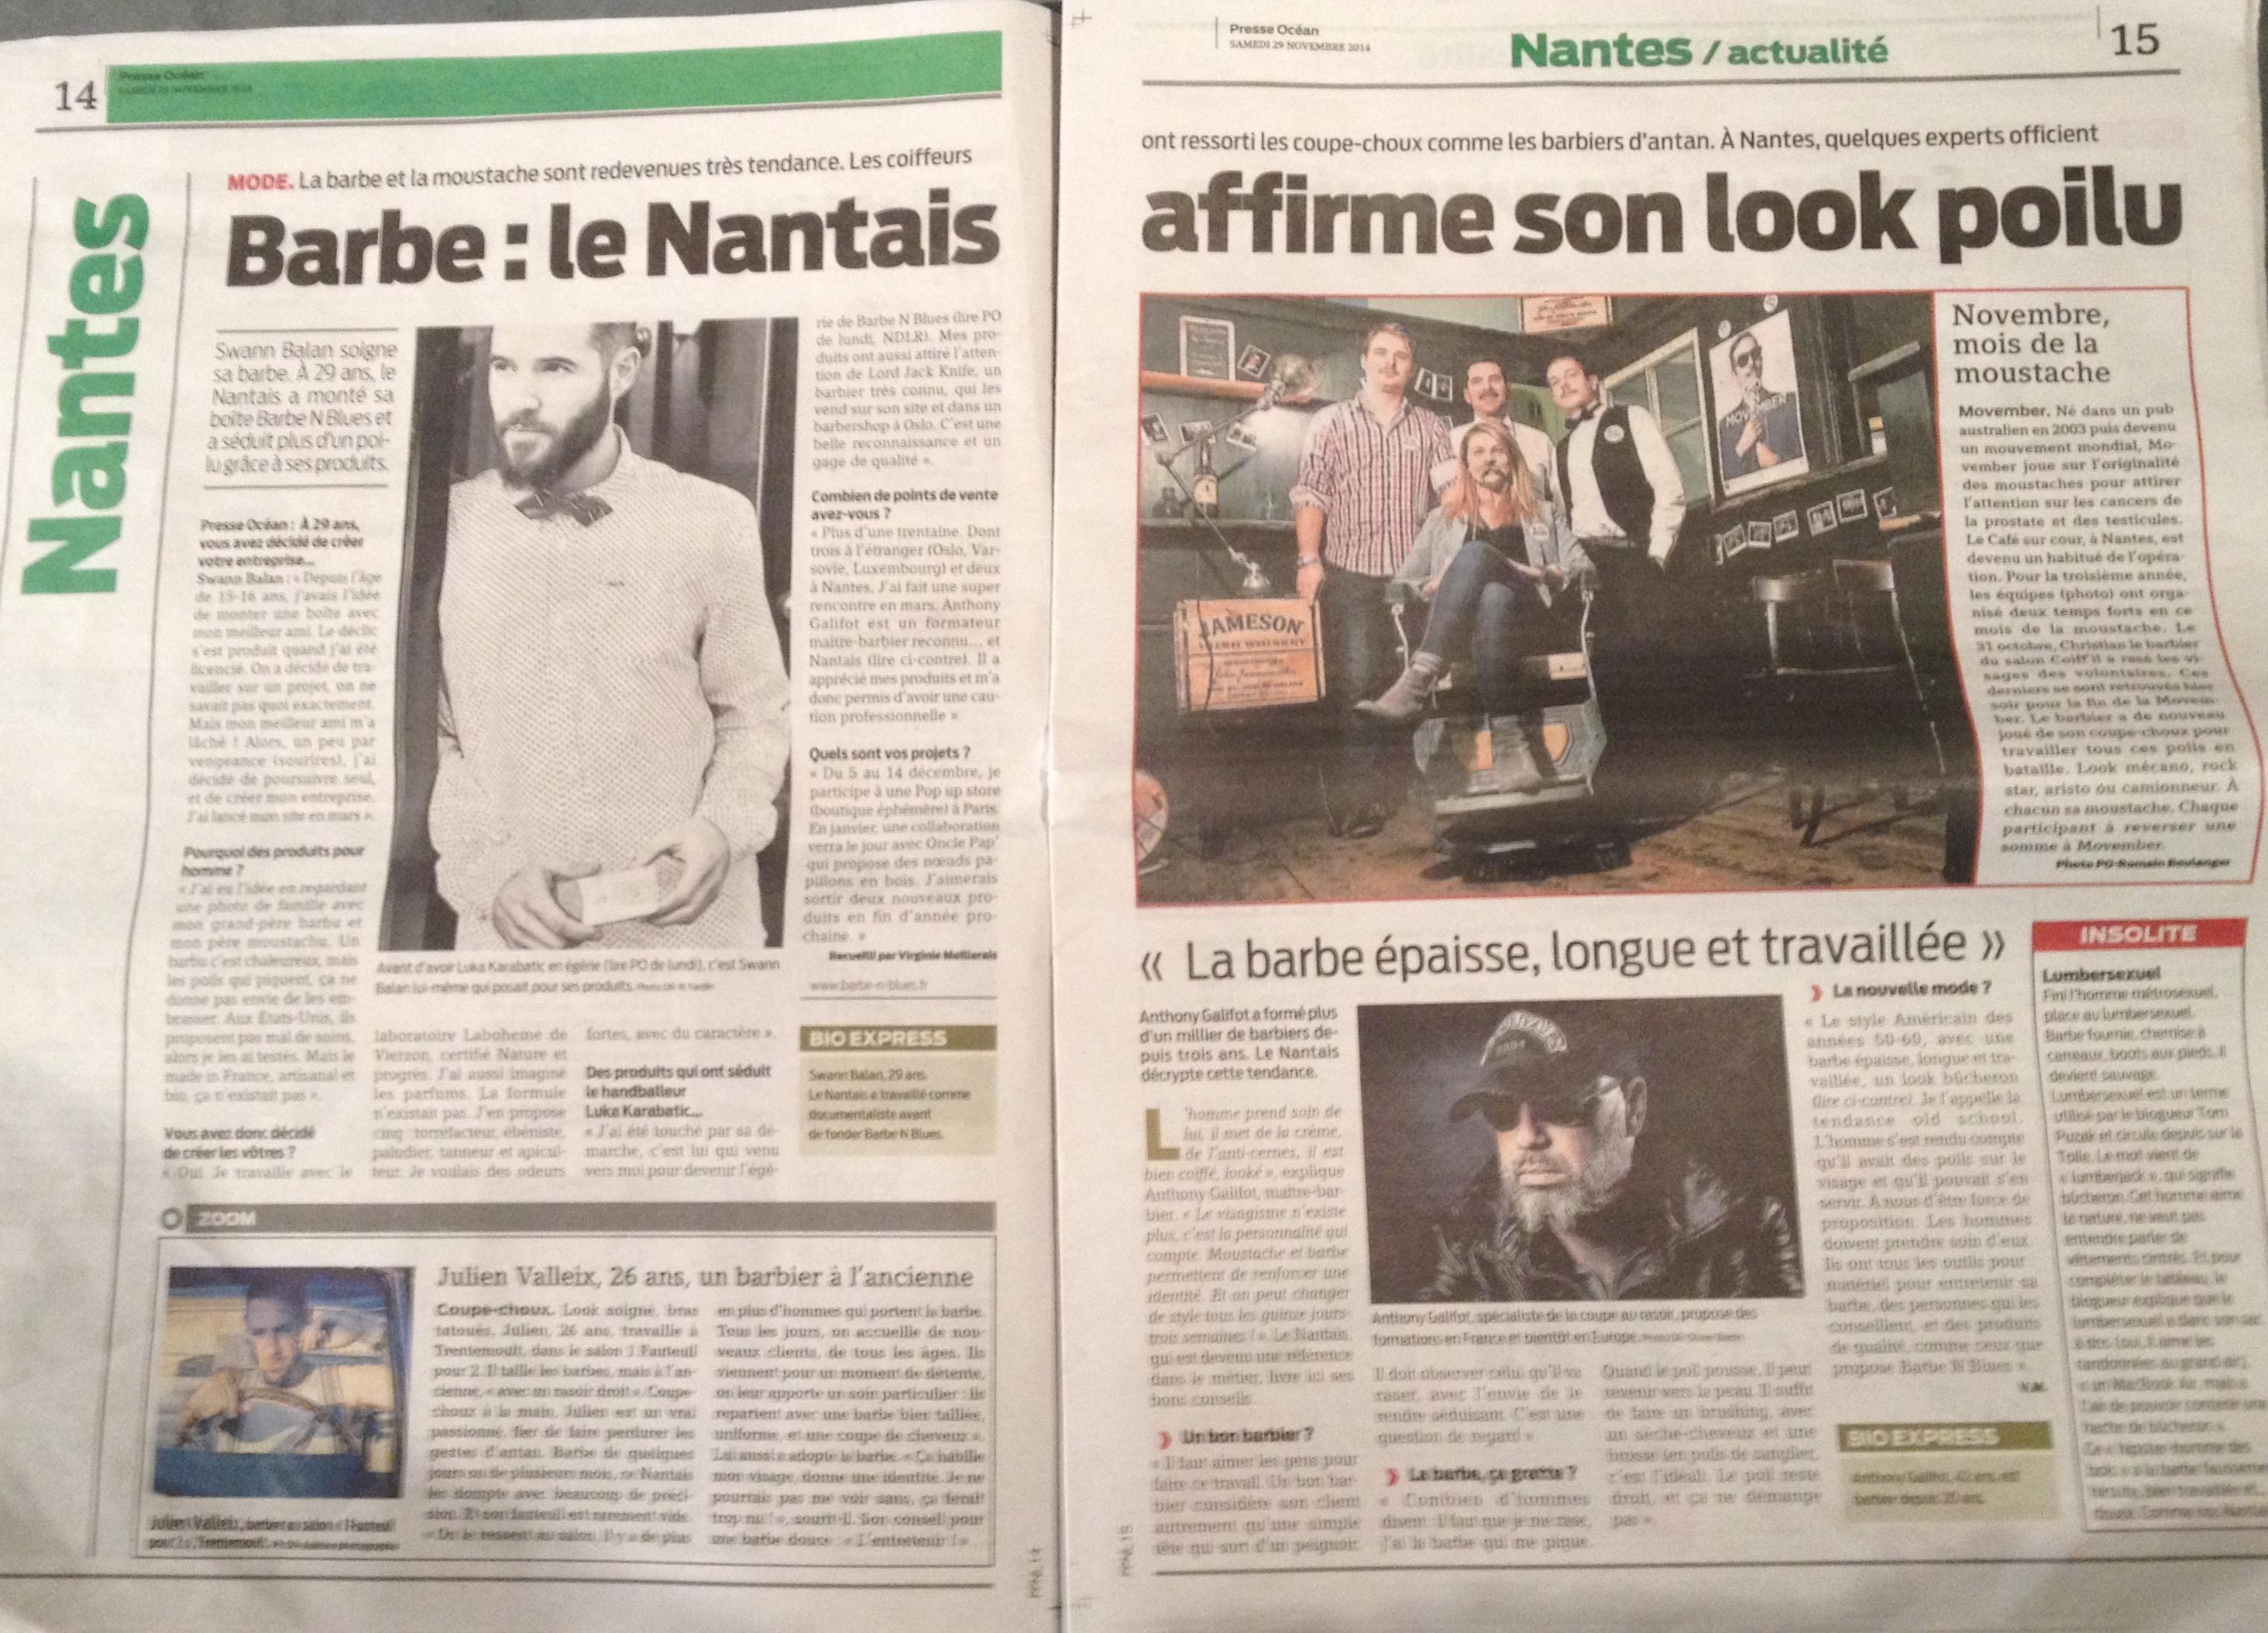 Presse Océan 29 novembre 2014